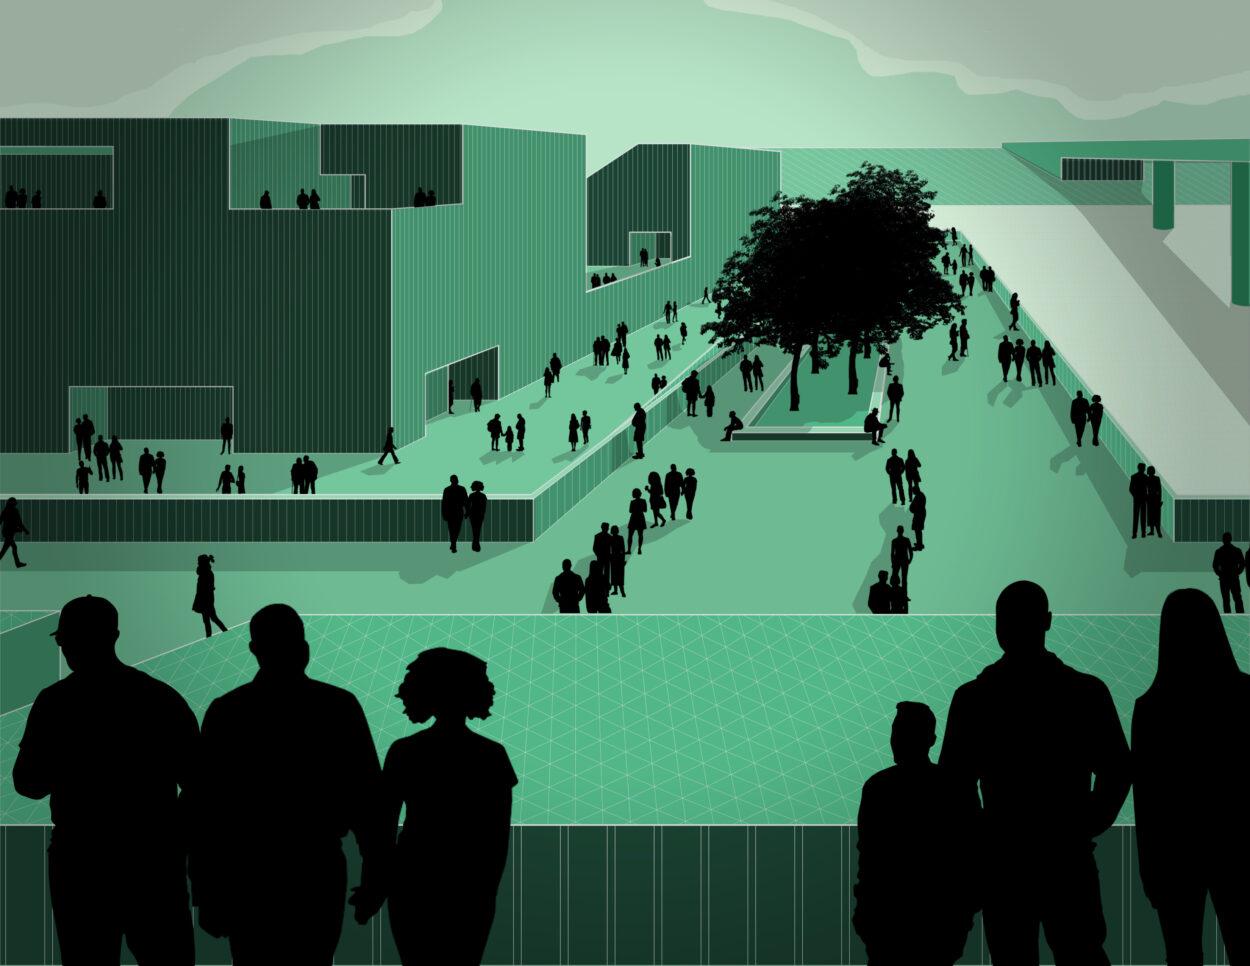 Stadium Perspective   Jonathan Malott